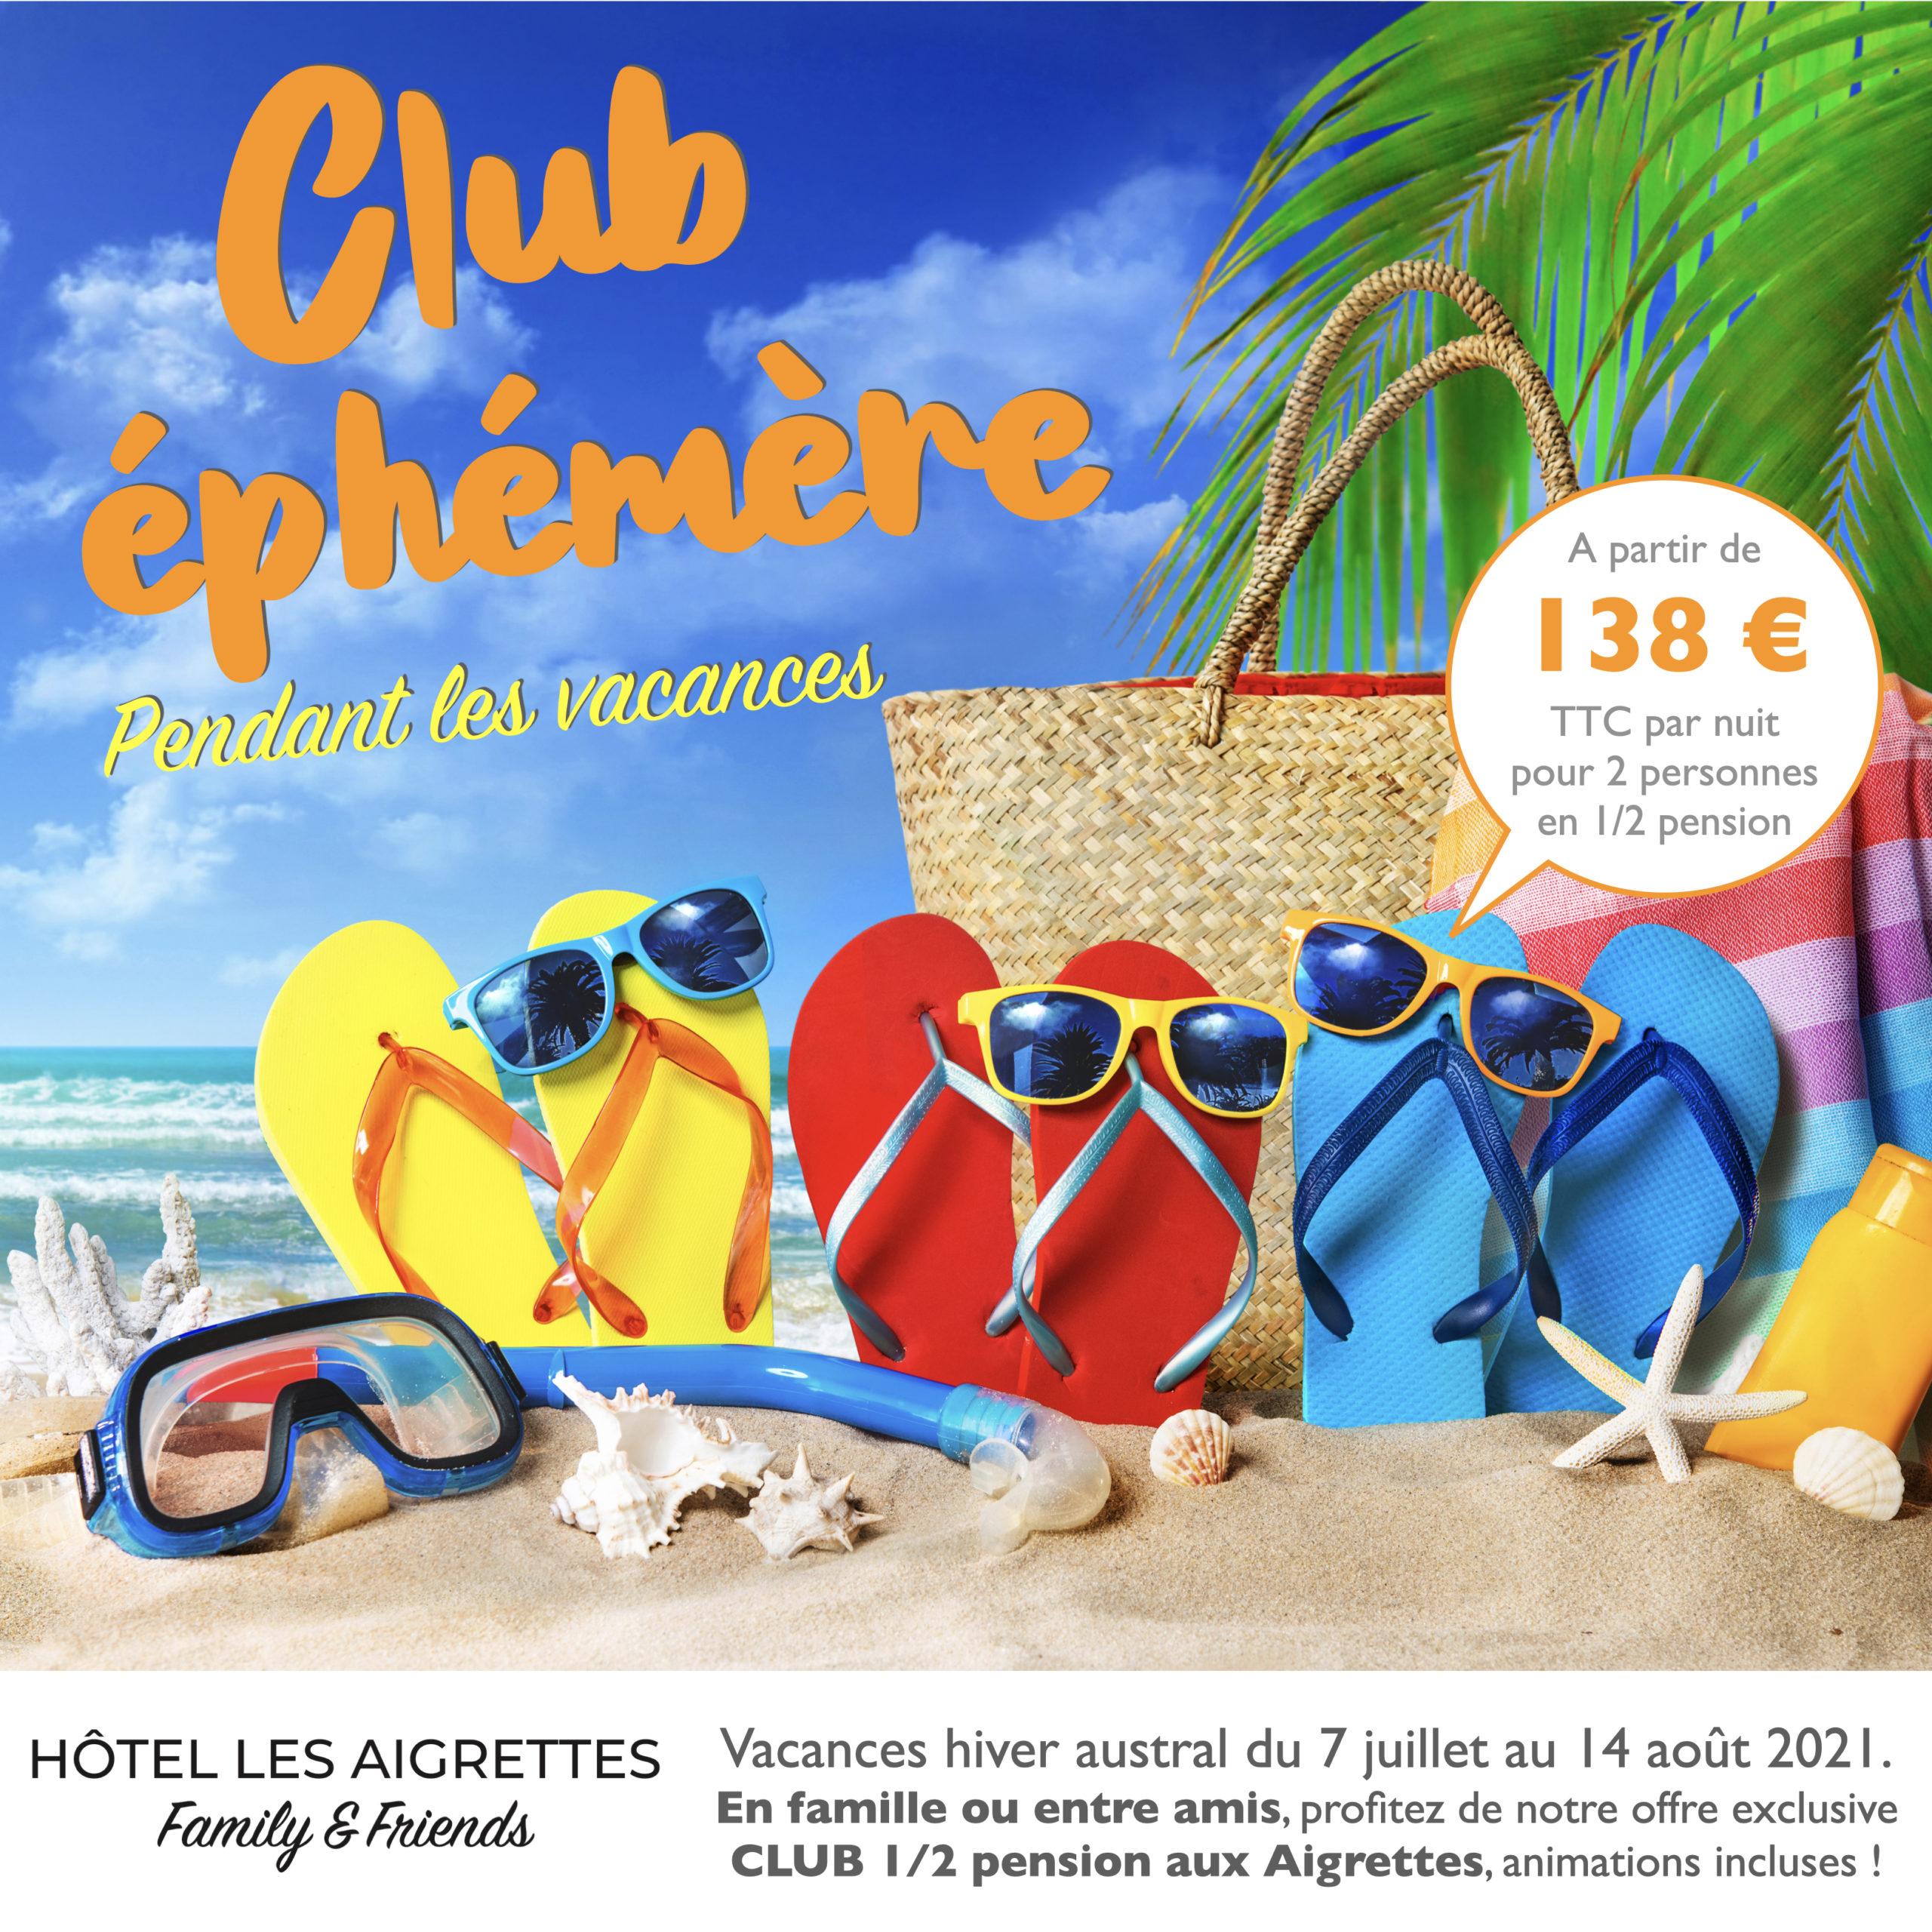 Hôtel Les Aigrettes 2* - Saint-Gilles-Les-Bains